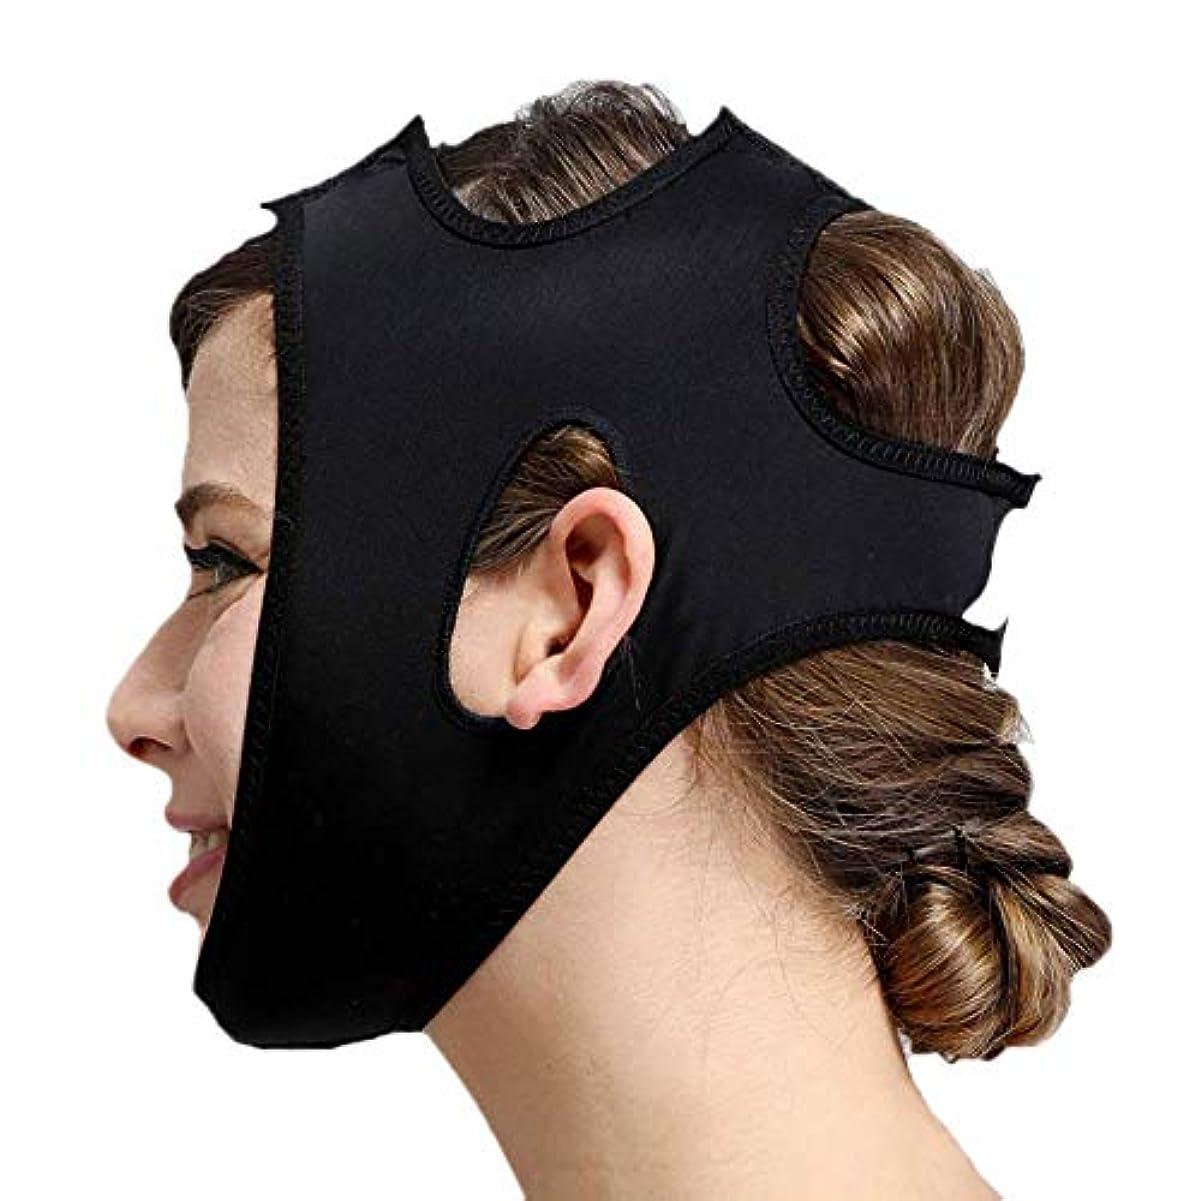 比較的チャーター封筒フェイススリミングマスク、快適さと通気性、フェイシャルリフティング、輪郭の改善された硬さ、ファーミングとリフティングフェイス(カラー:ブラック、サイズ:XL),黒、S